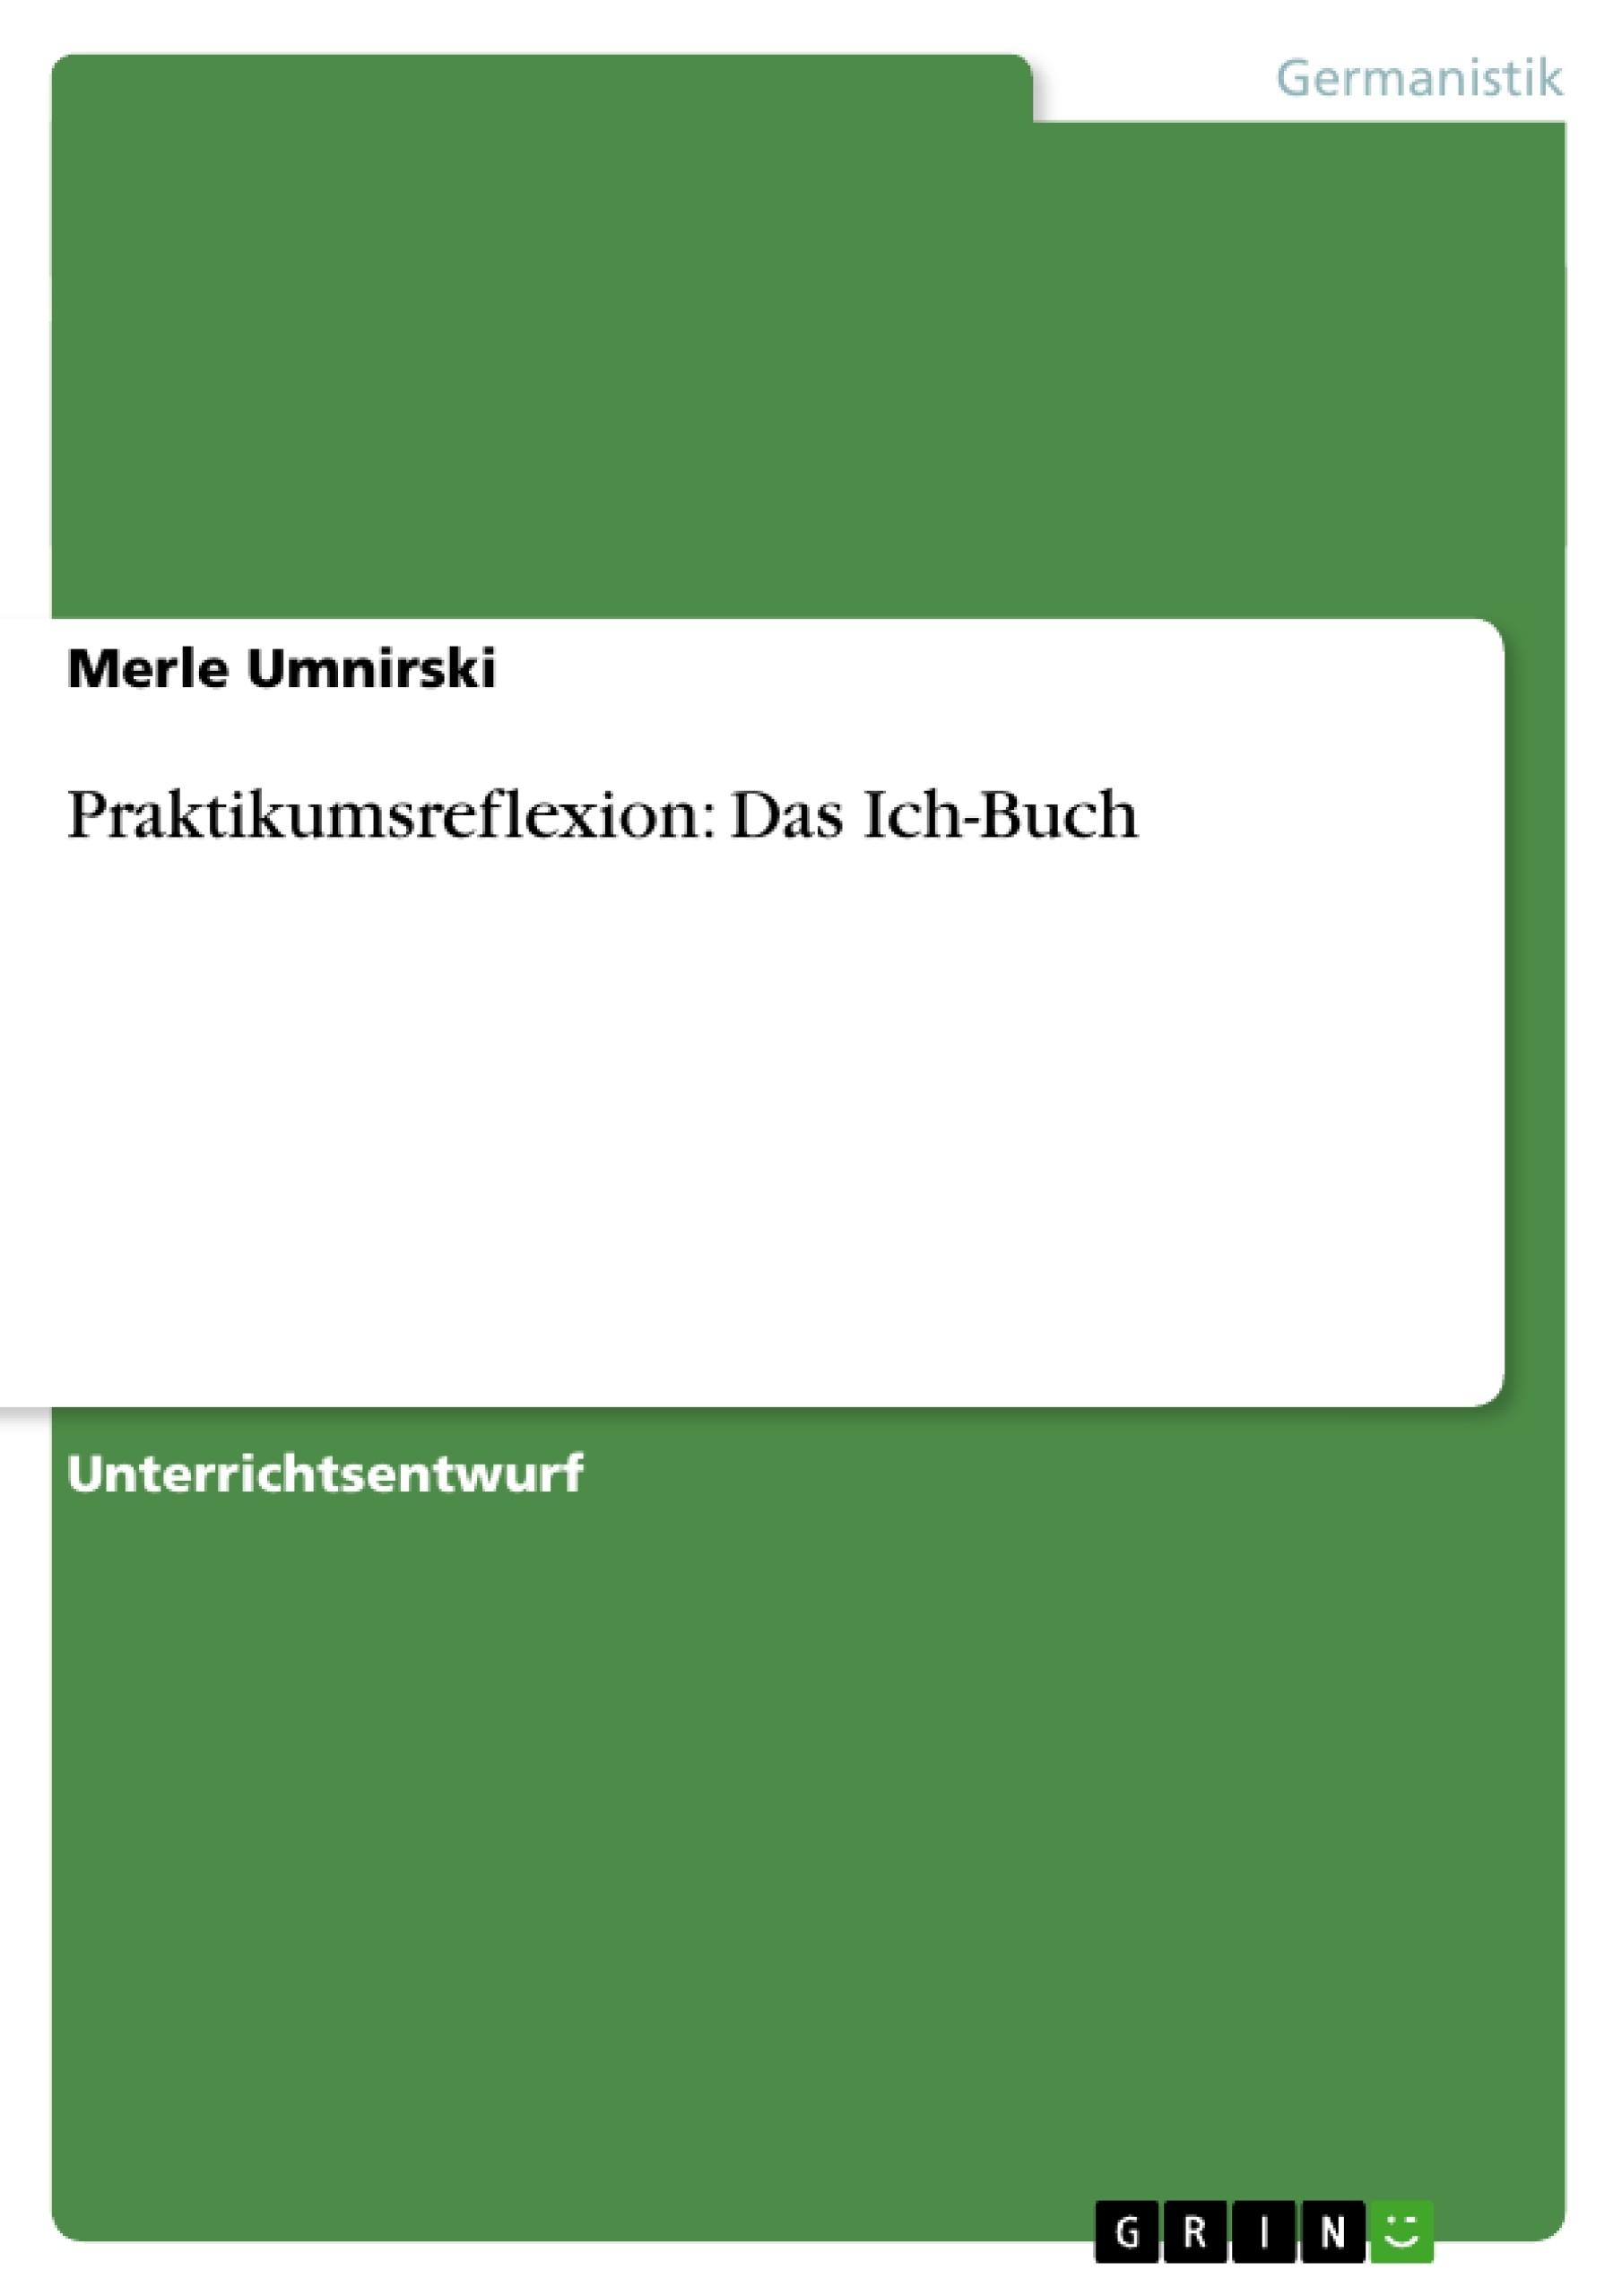 Titel: Praktikumsreflexion: Das Ich-Buch